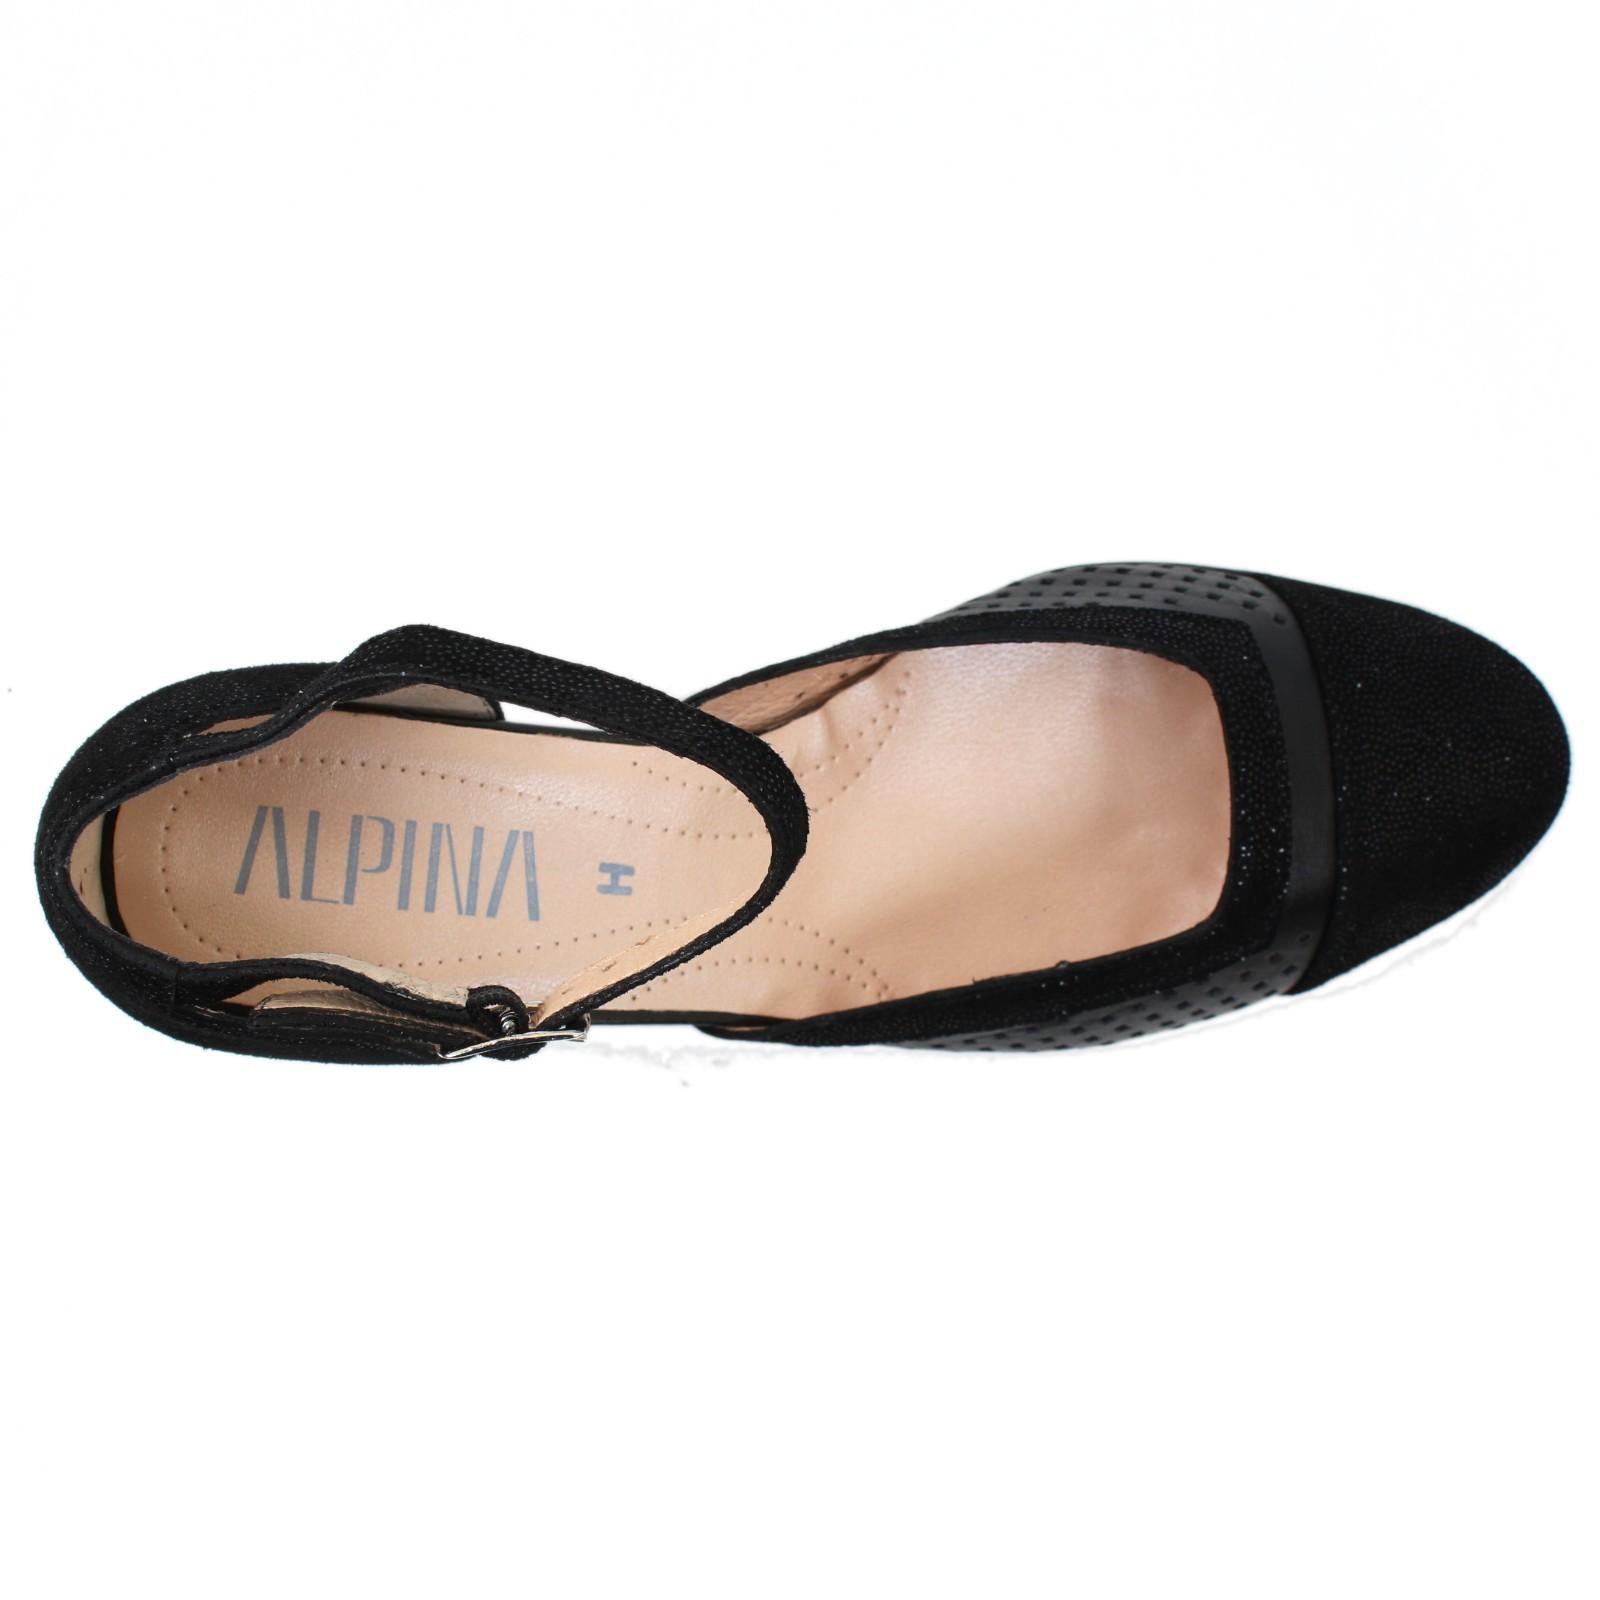 04633 Alpina oldalt nyitott cipő 8731-1 - Női cipő oldalt nyitott ff5e4243fb